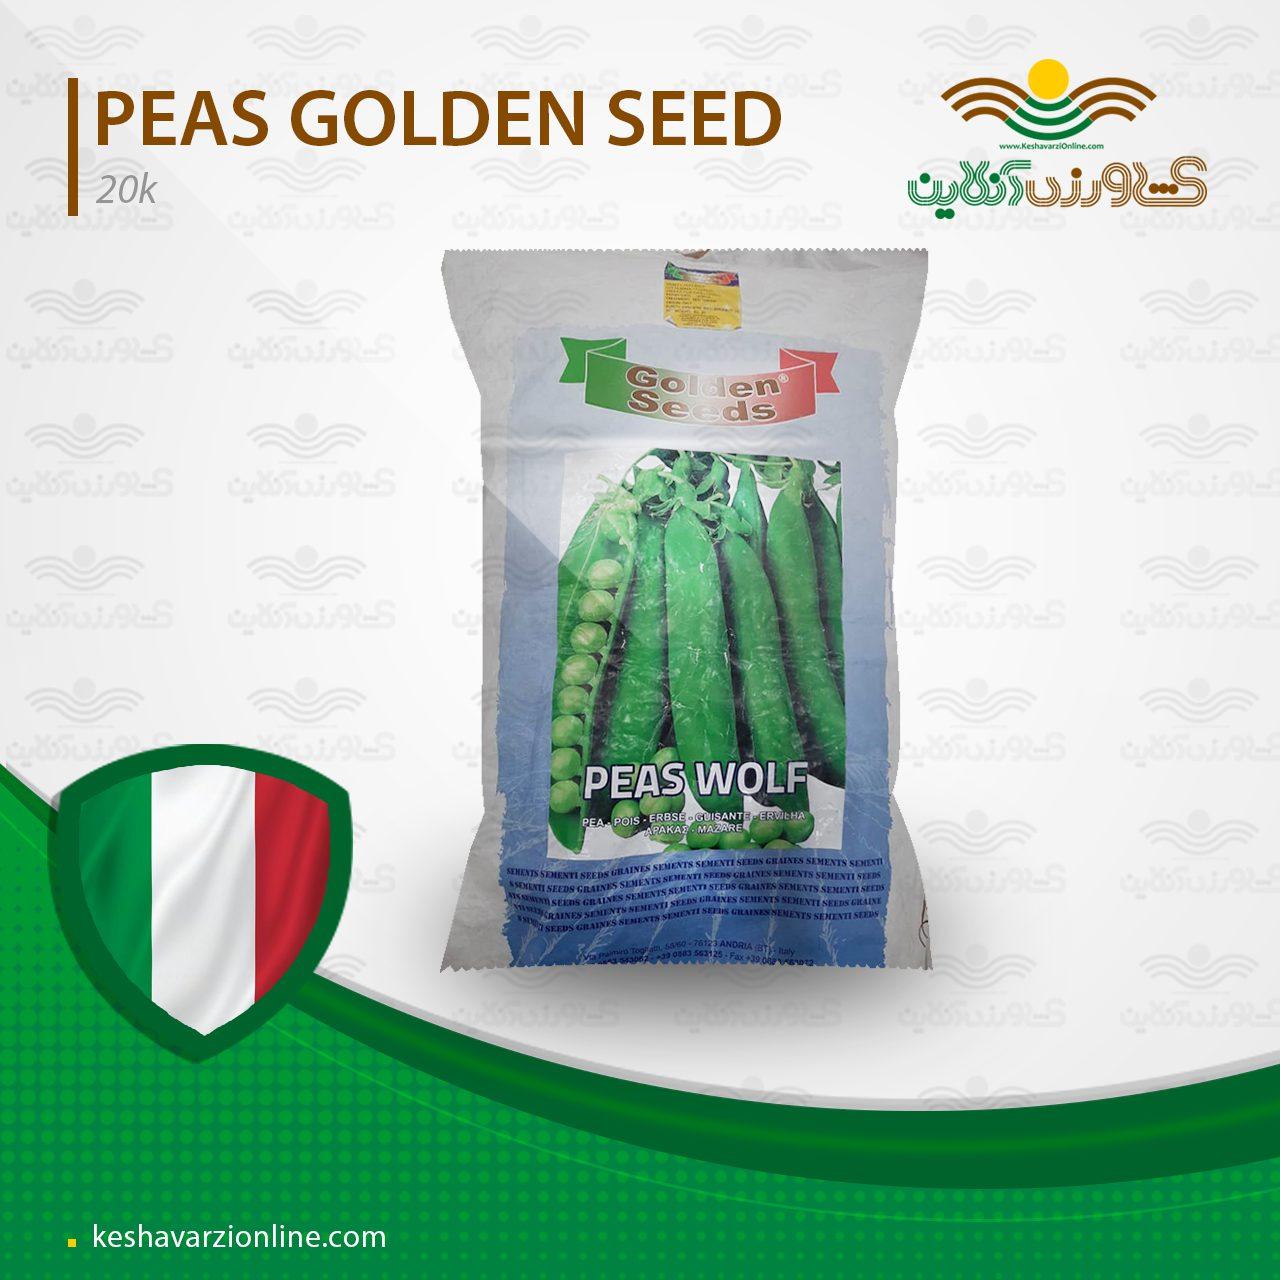 بذر نخود فرنگی ایتالیایی دو منظوره و پربار 20 کیلویی